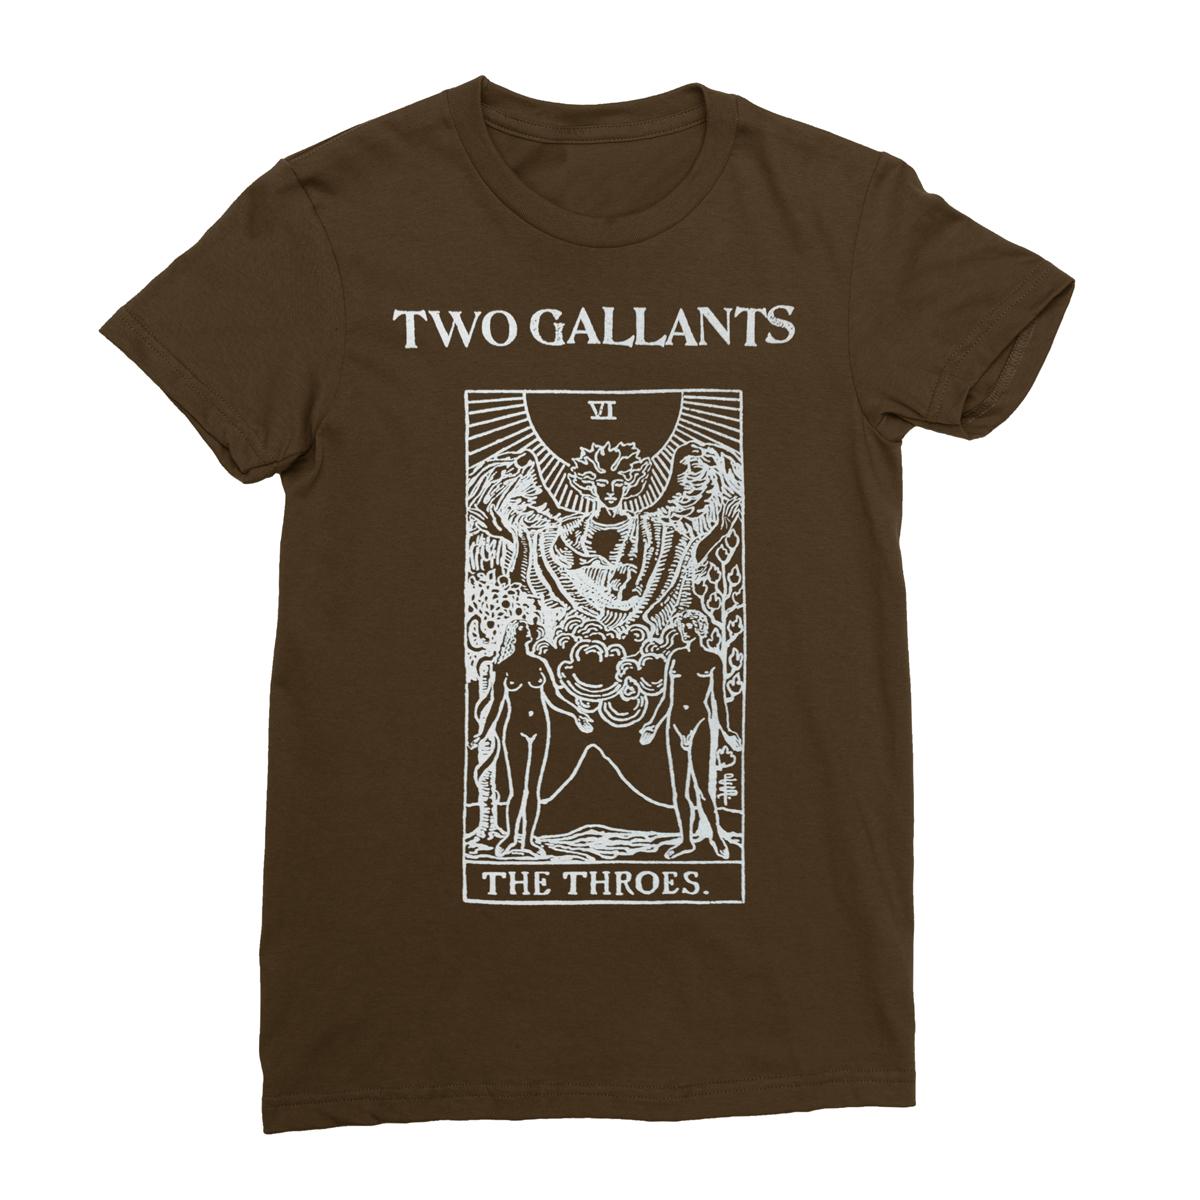 Tarot Tee - Brown - Two Gallants